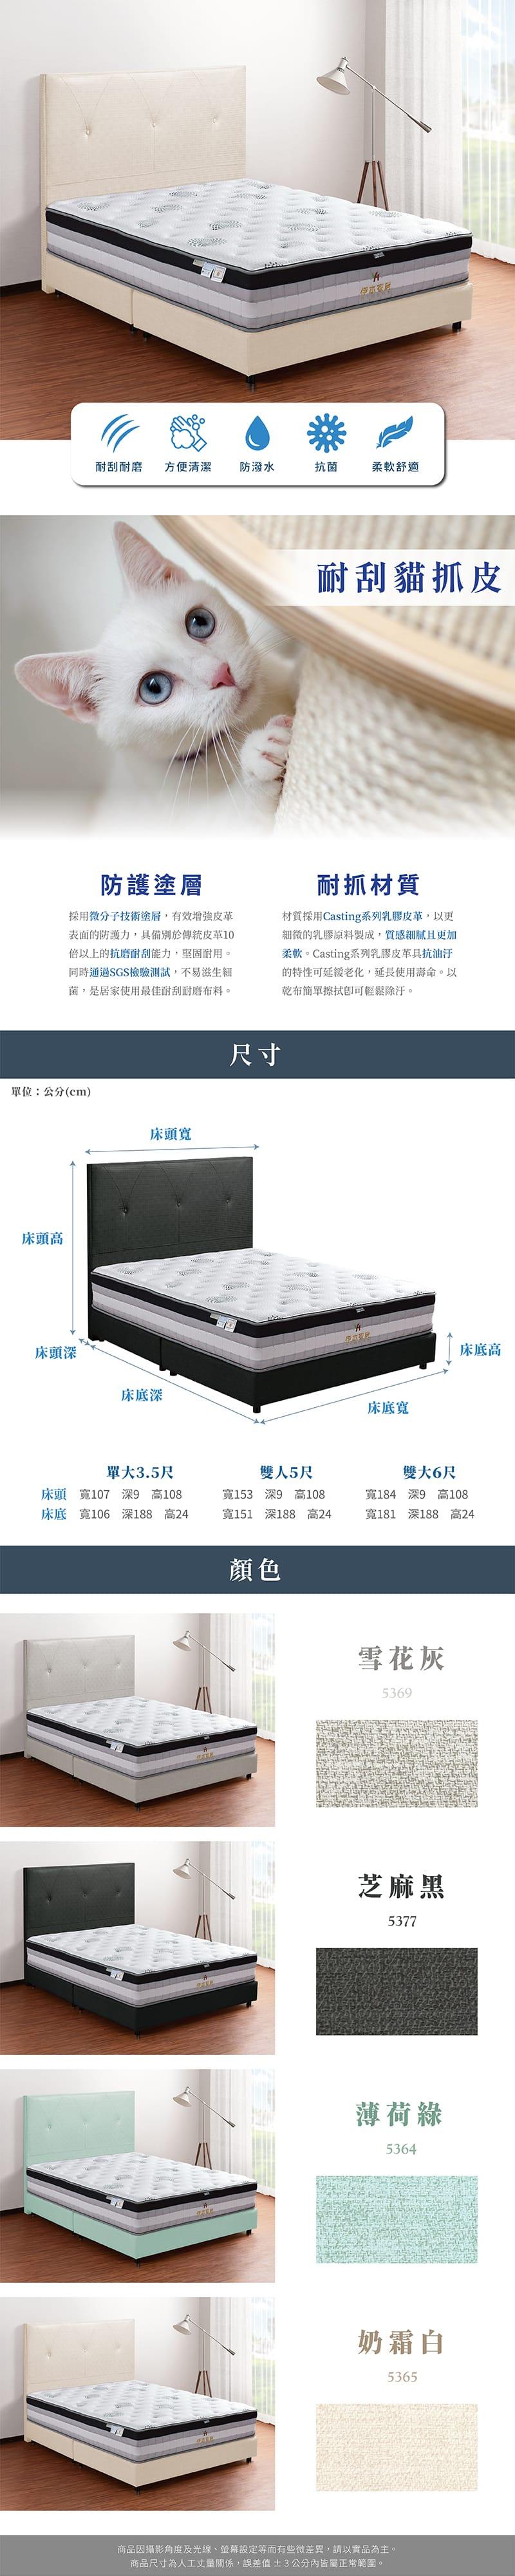 傑森 貓抓皮床組兩件 雙人加大6尺(床頭片+床底)